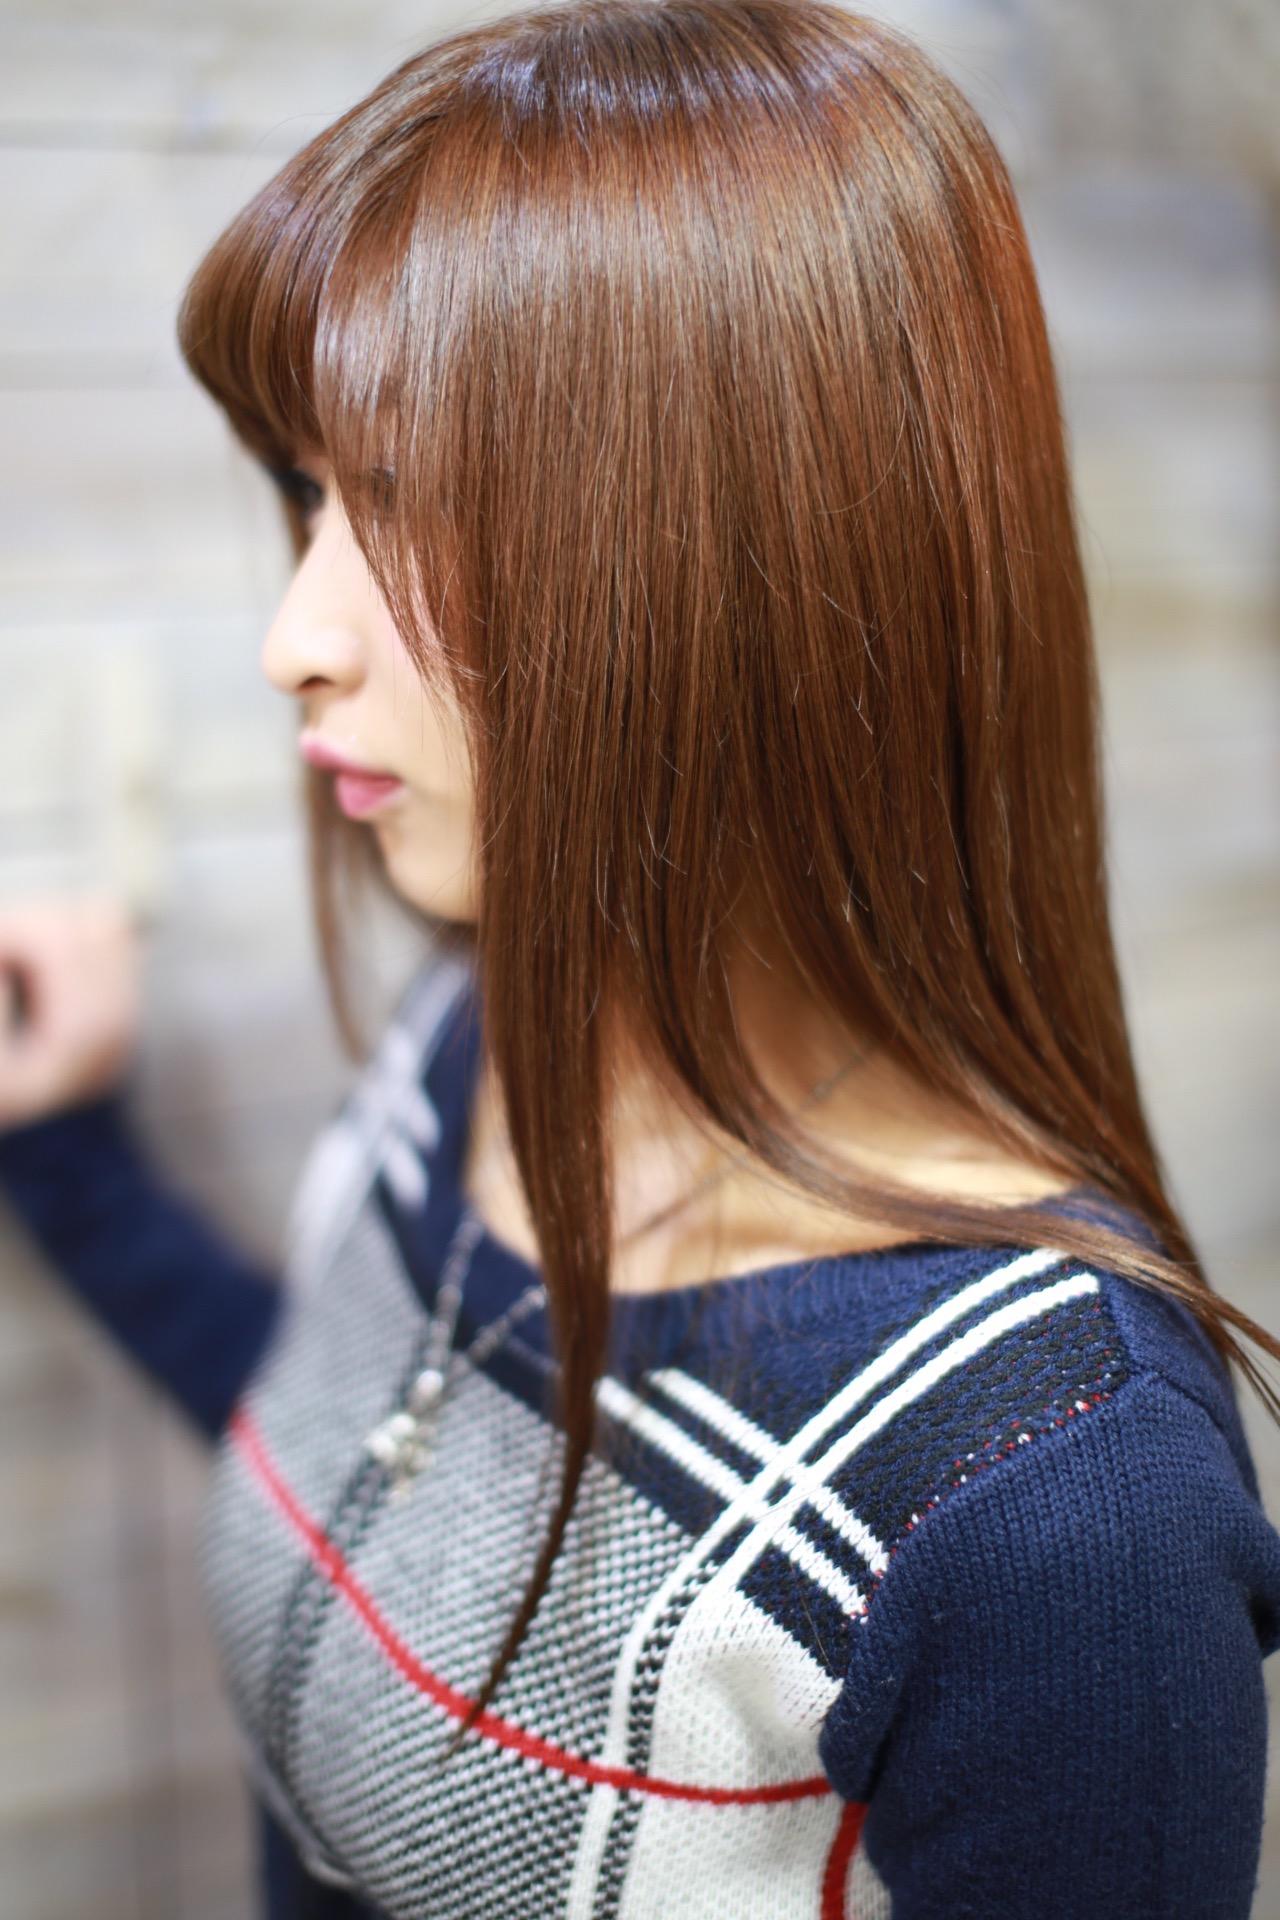 ピンクアッシュなヘアカラー、新宿歌舞伎町、美容室朝からやっている